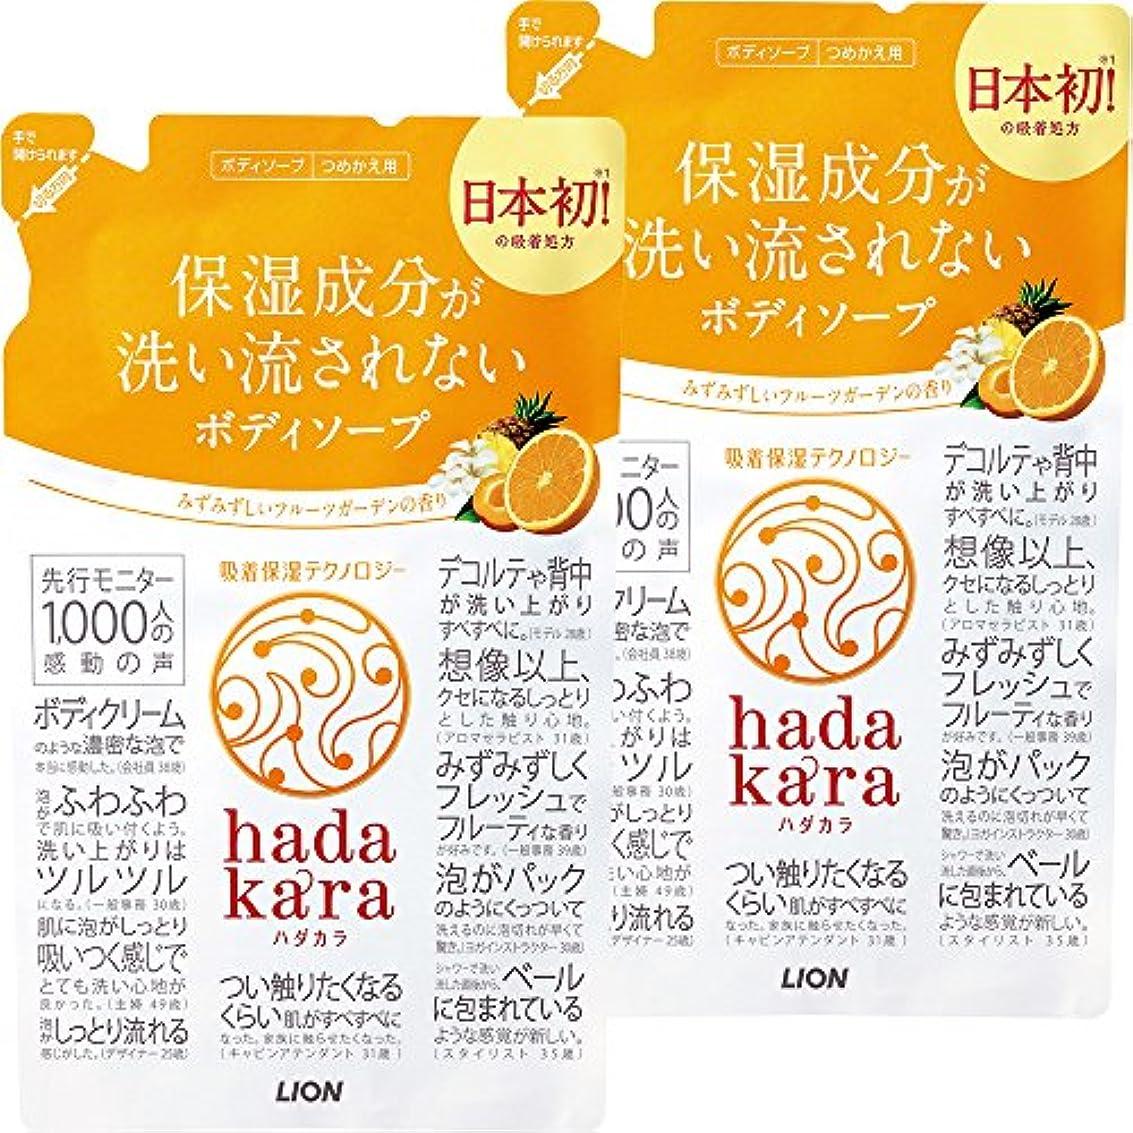 線同封する触覚【まとめ買い】hadakara(ハダカラ) ボディソープ フルーツガーデンの香り 詰め替え 360ml×2個パック